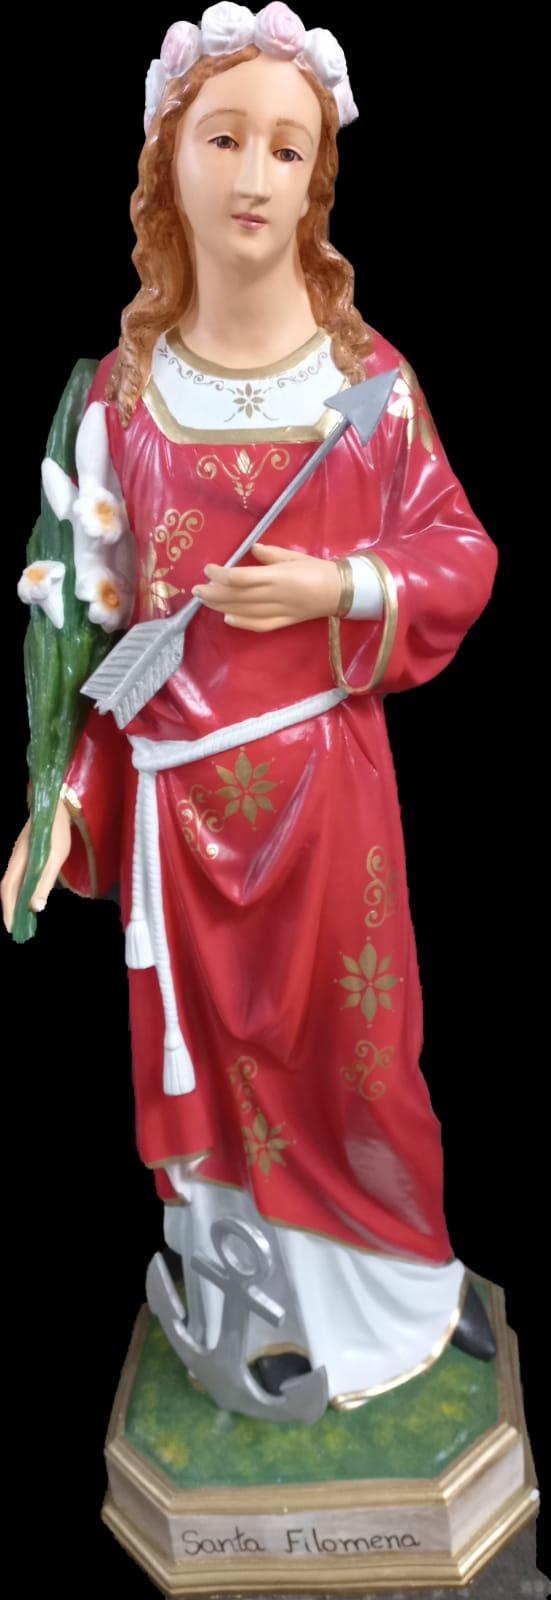 Santa Filomena - 110 cm - modelo 1